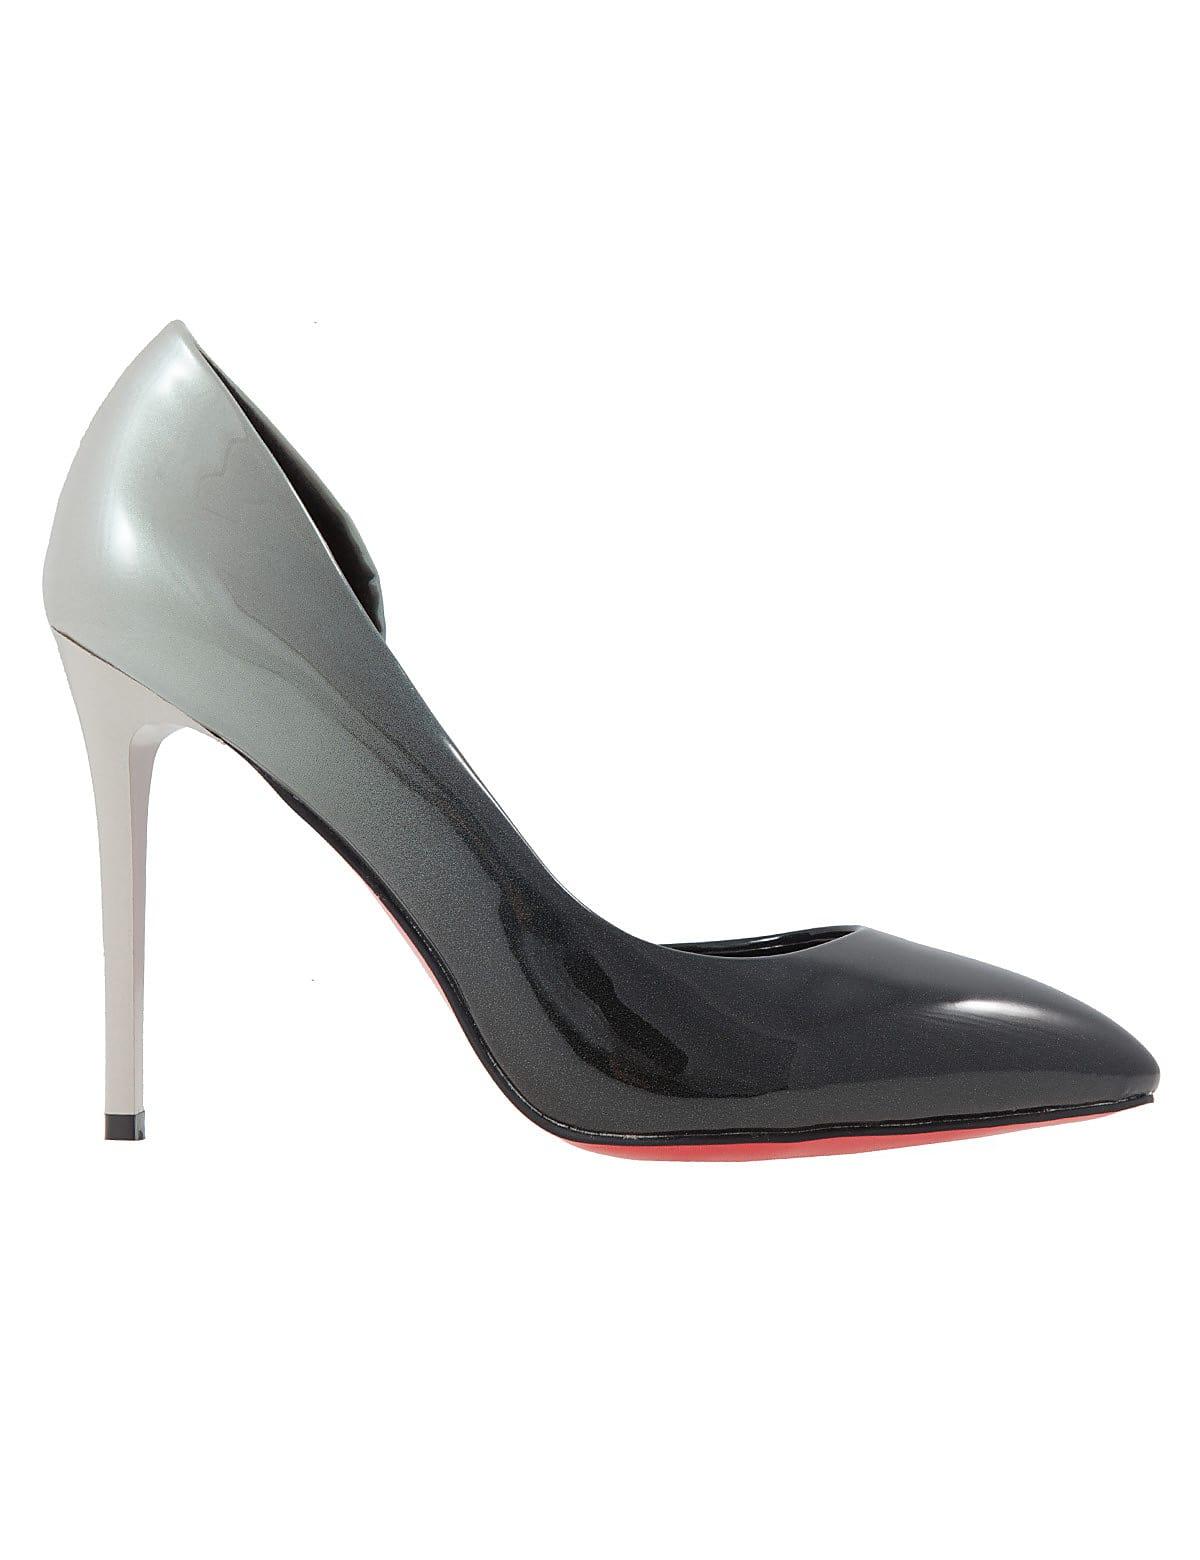 ea47ec8c22d Παπούτσια νούμερο 36- Roe Shoes Collection